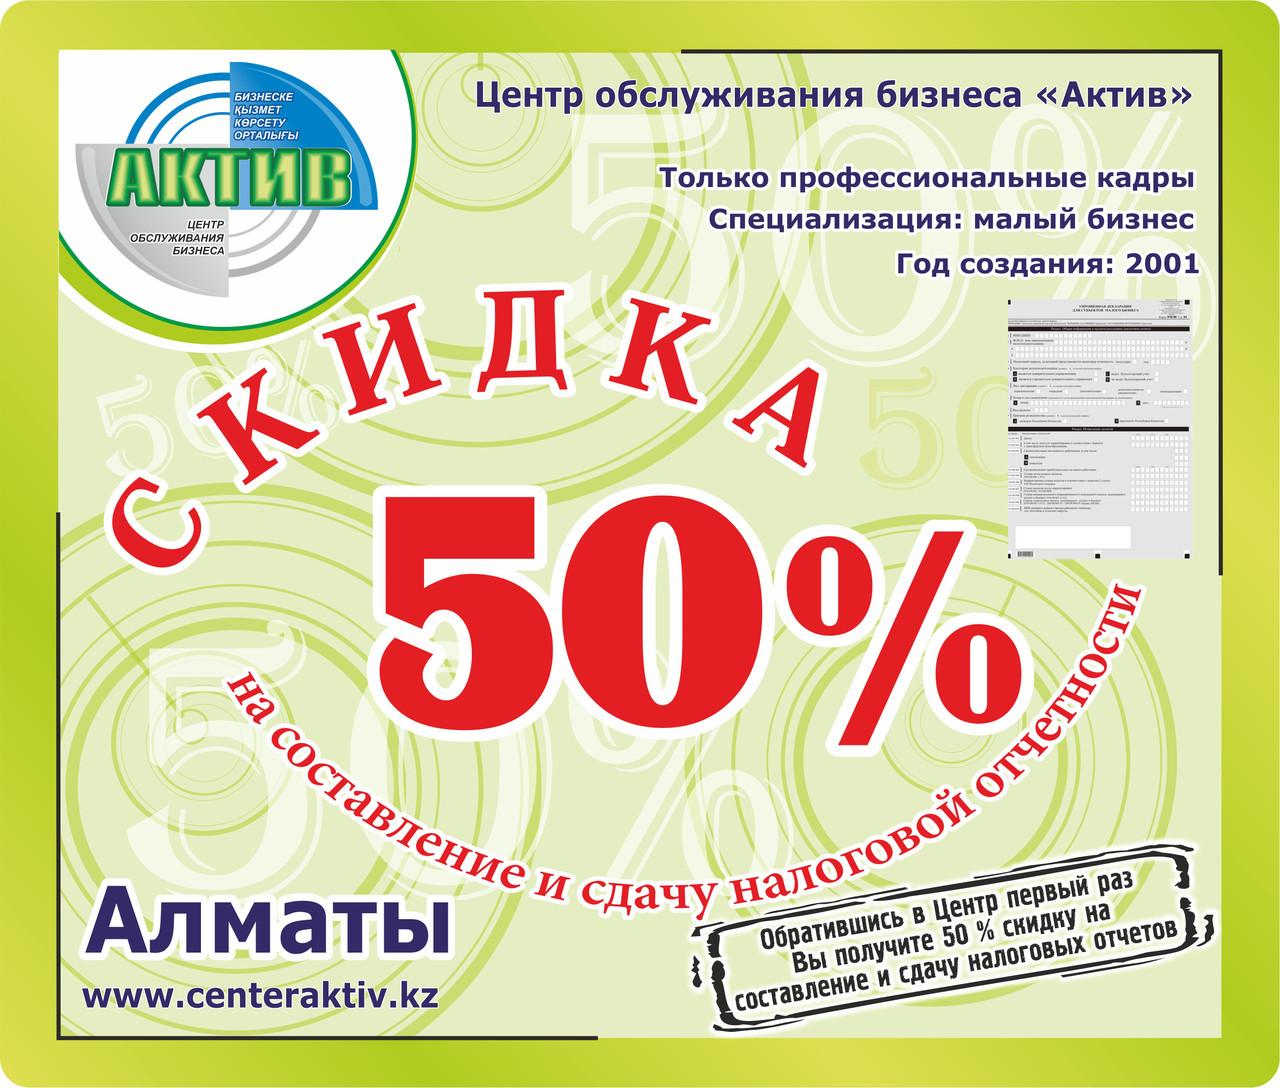 Составление и сдача налоговой отчётности в Алматы